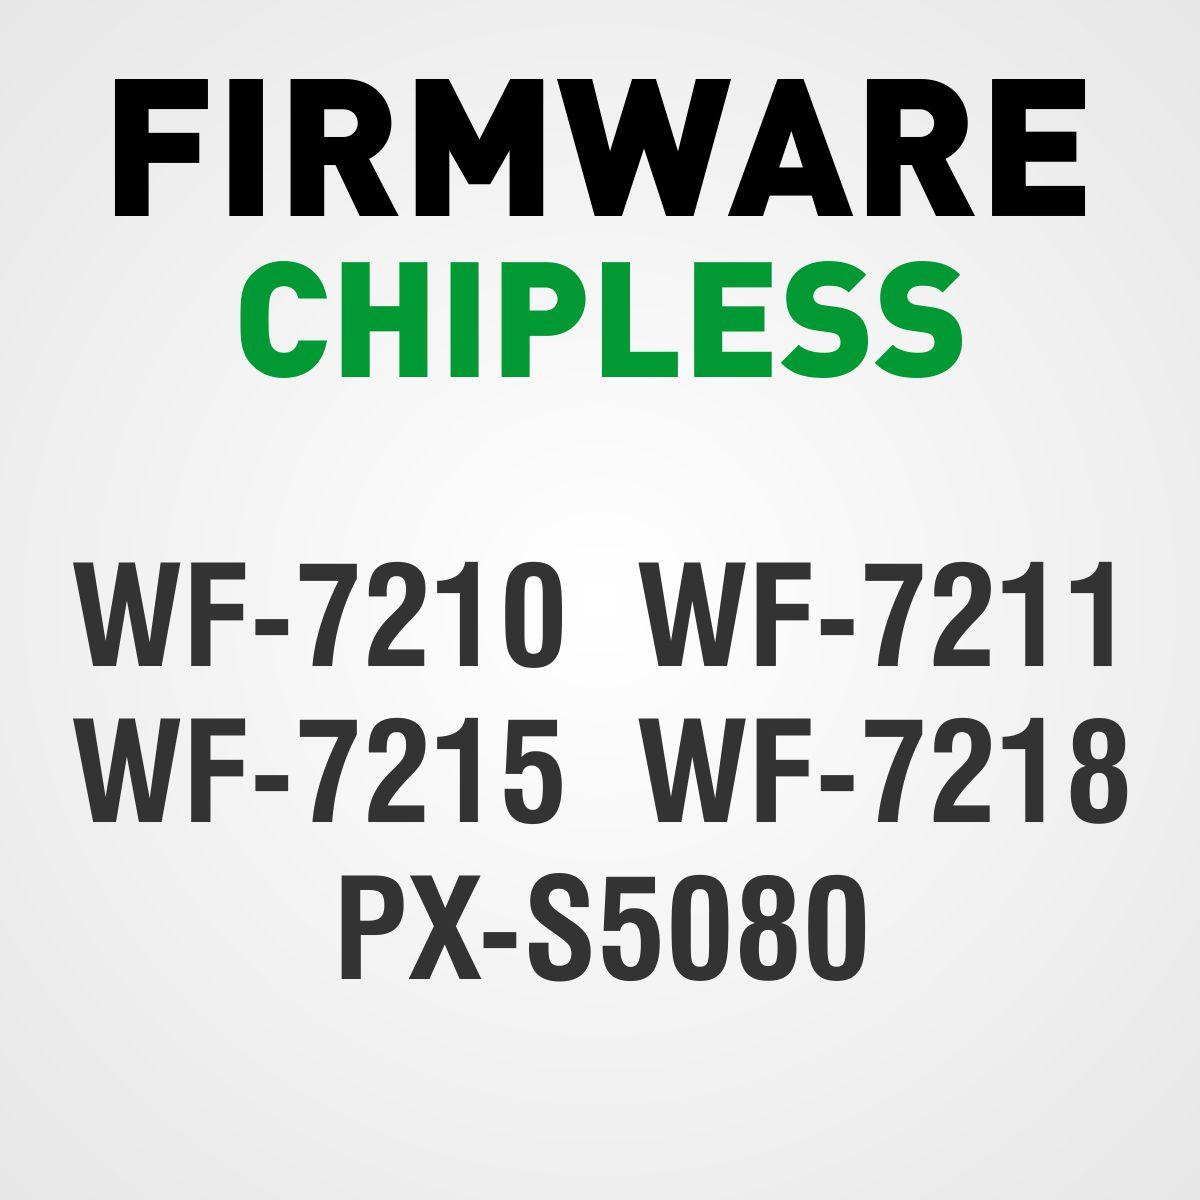 EPSON WF-7210, WF-7211, WF-7215, WF-7218 e PX-S5080 | Arquivo Firmware ChipLess